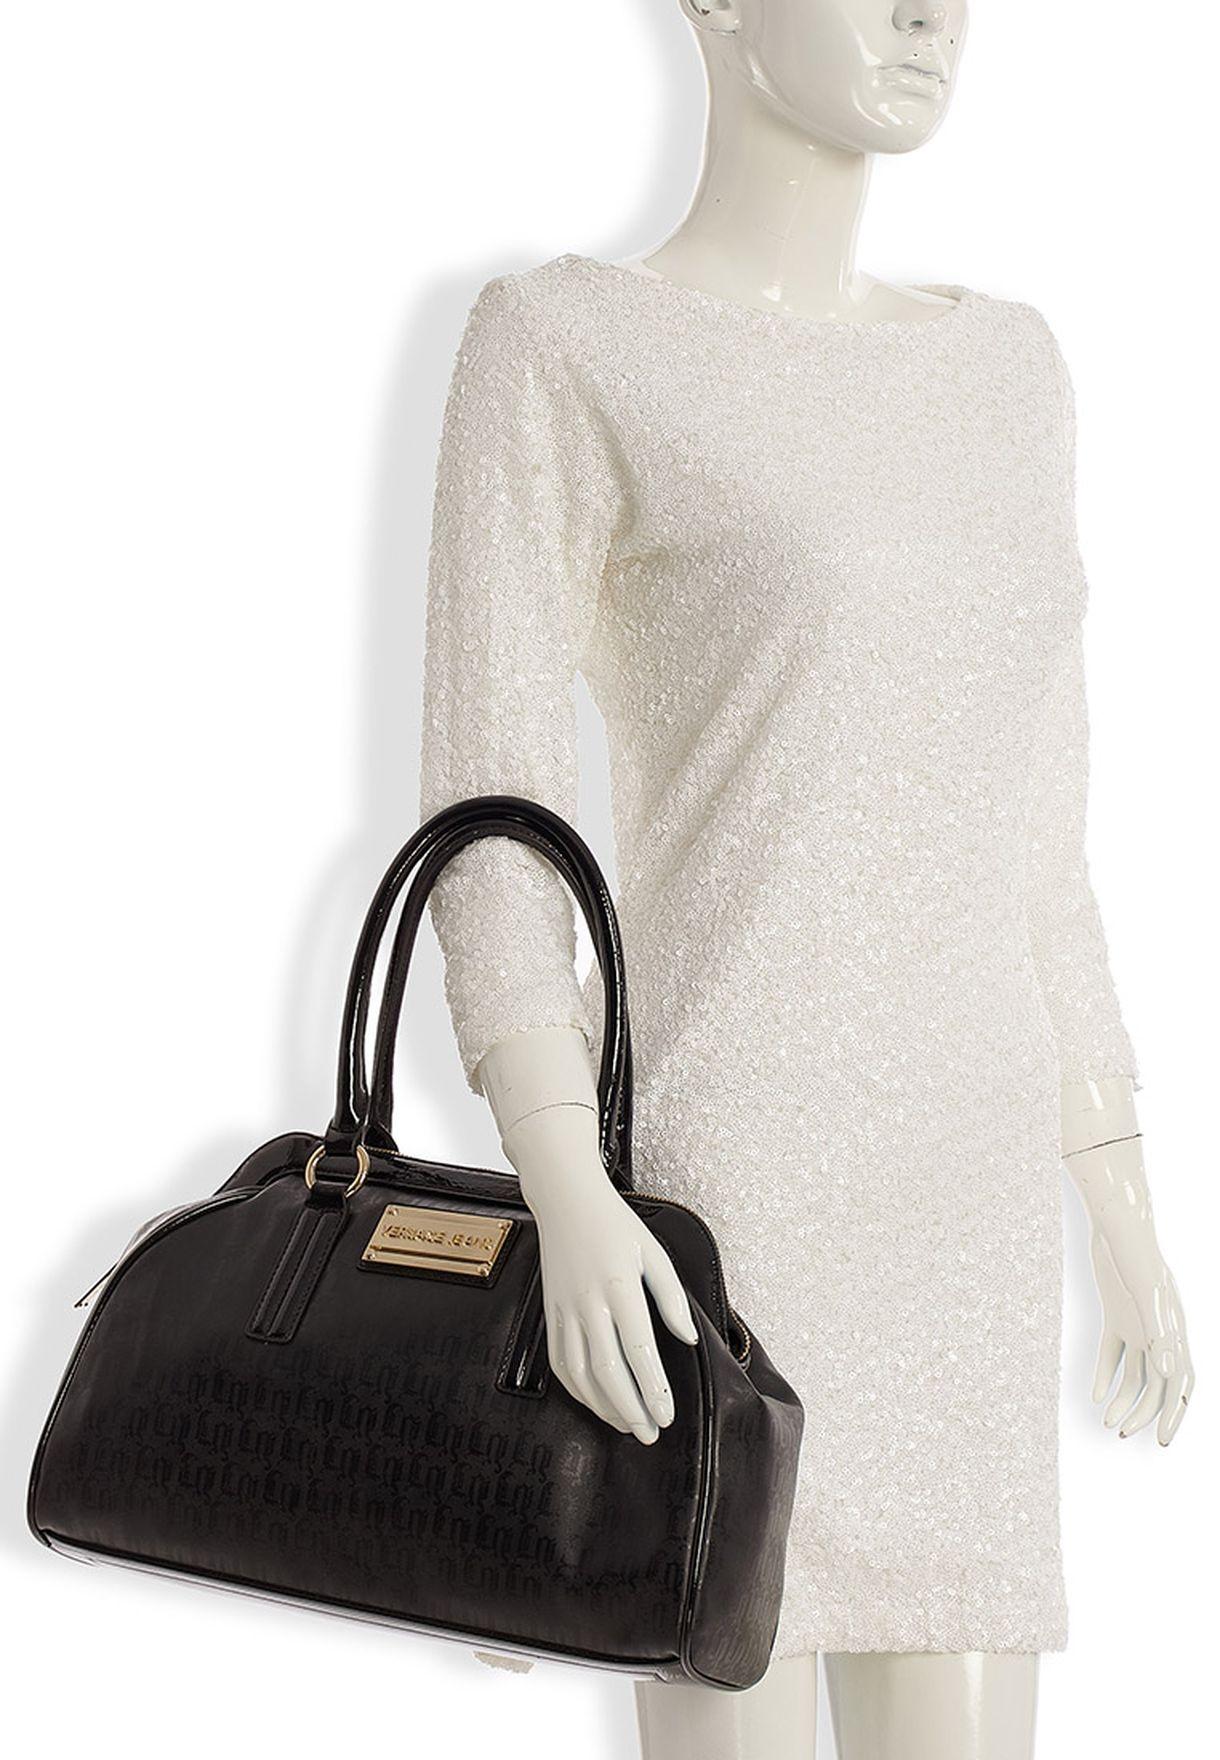 010d567bd8acf تسوق حقيبة بيد قصيرة ماركة فرساتشي جينز كوتور لون أسود في السعودية ...